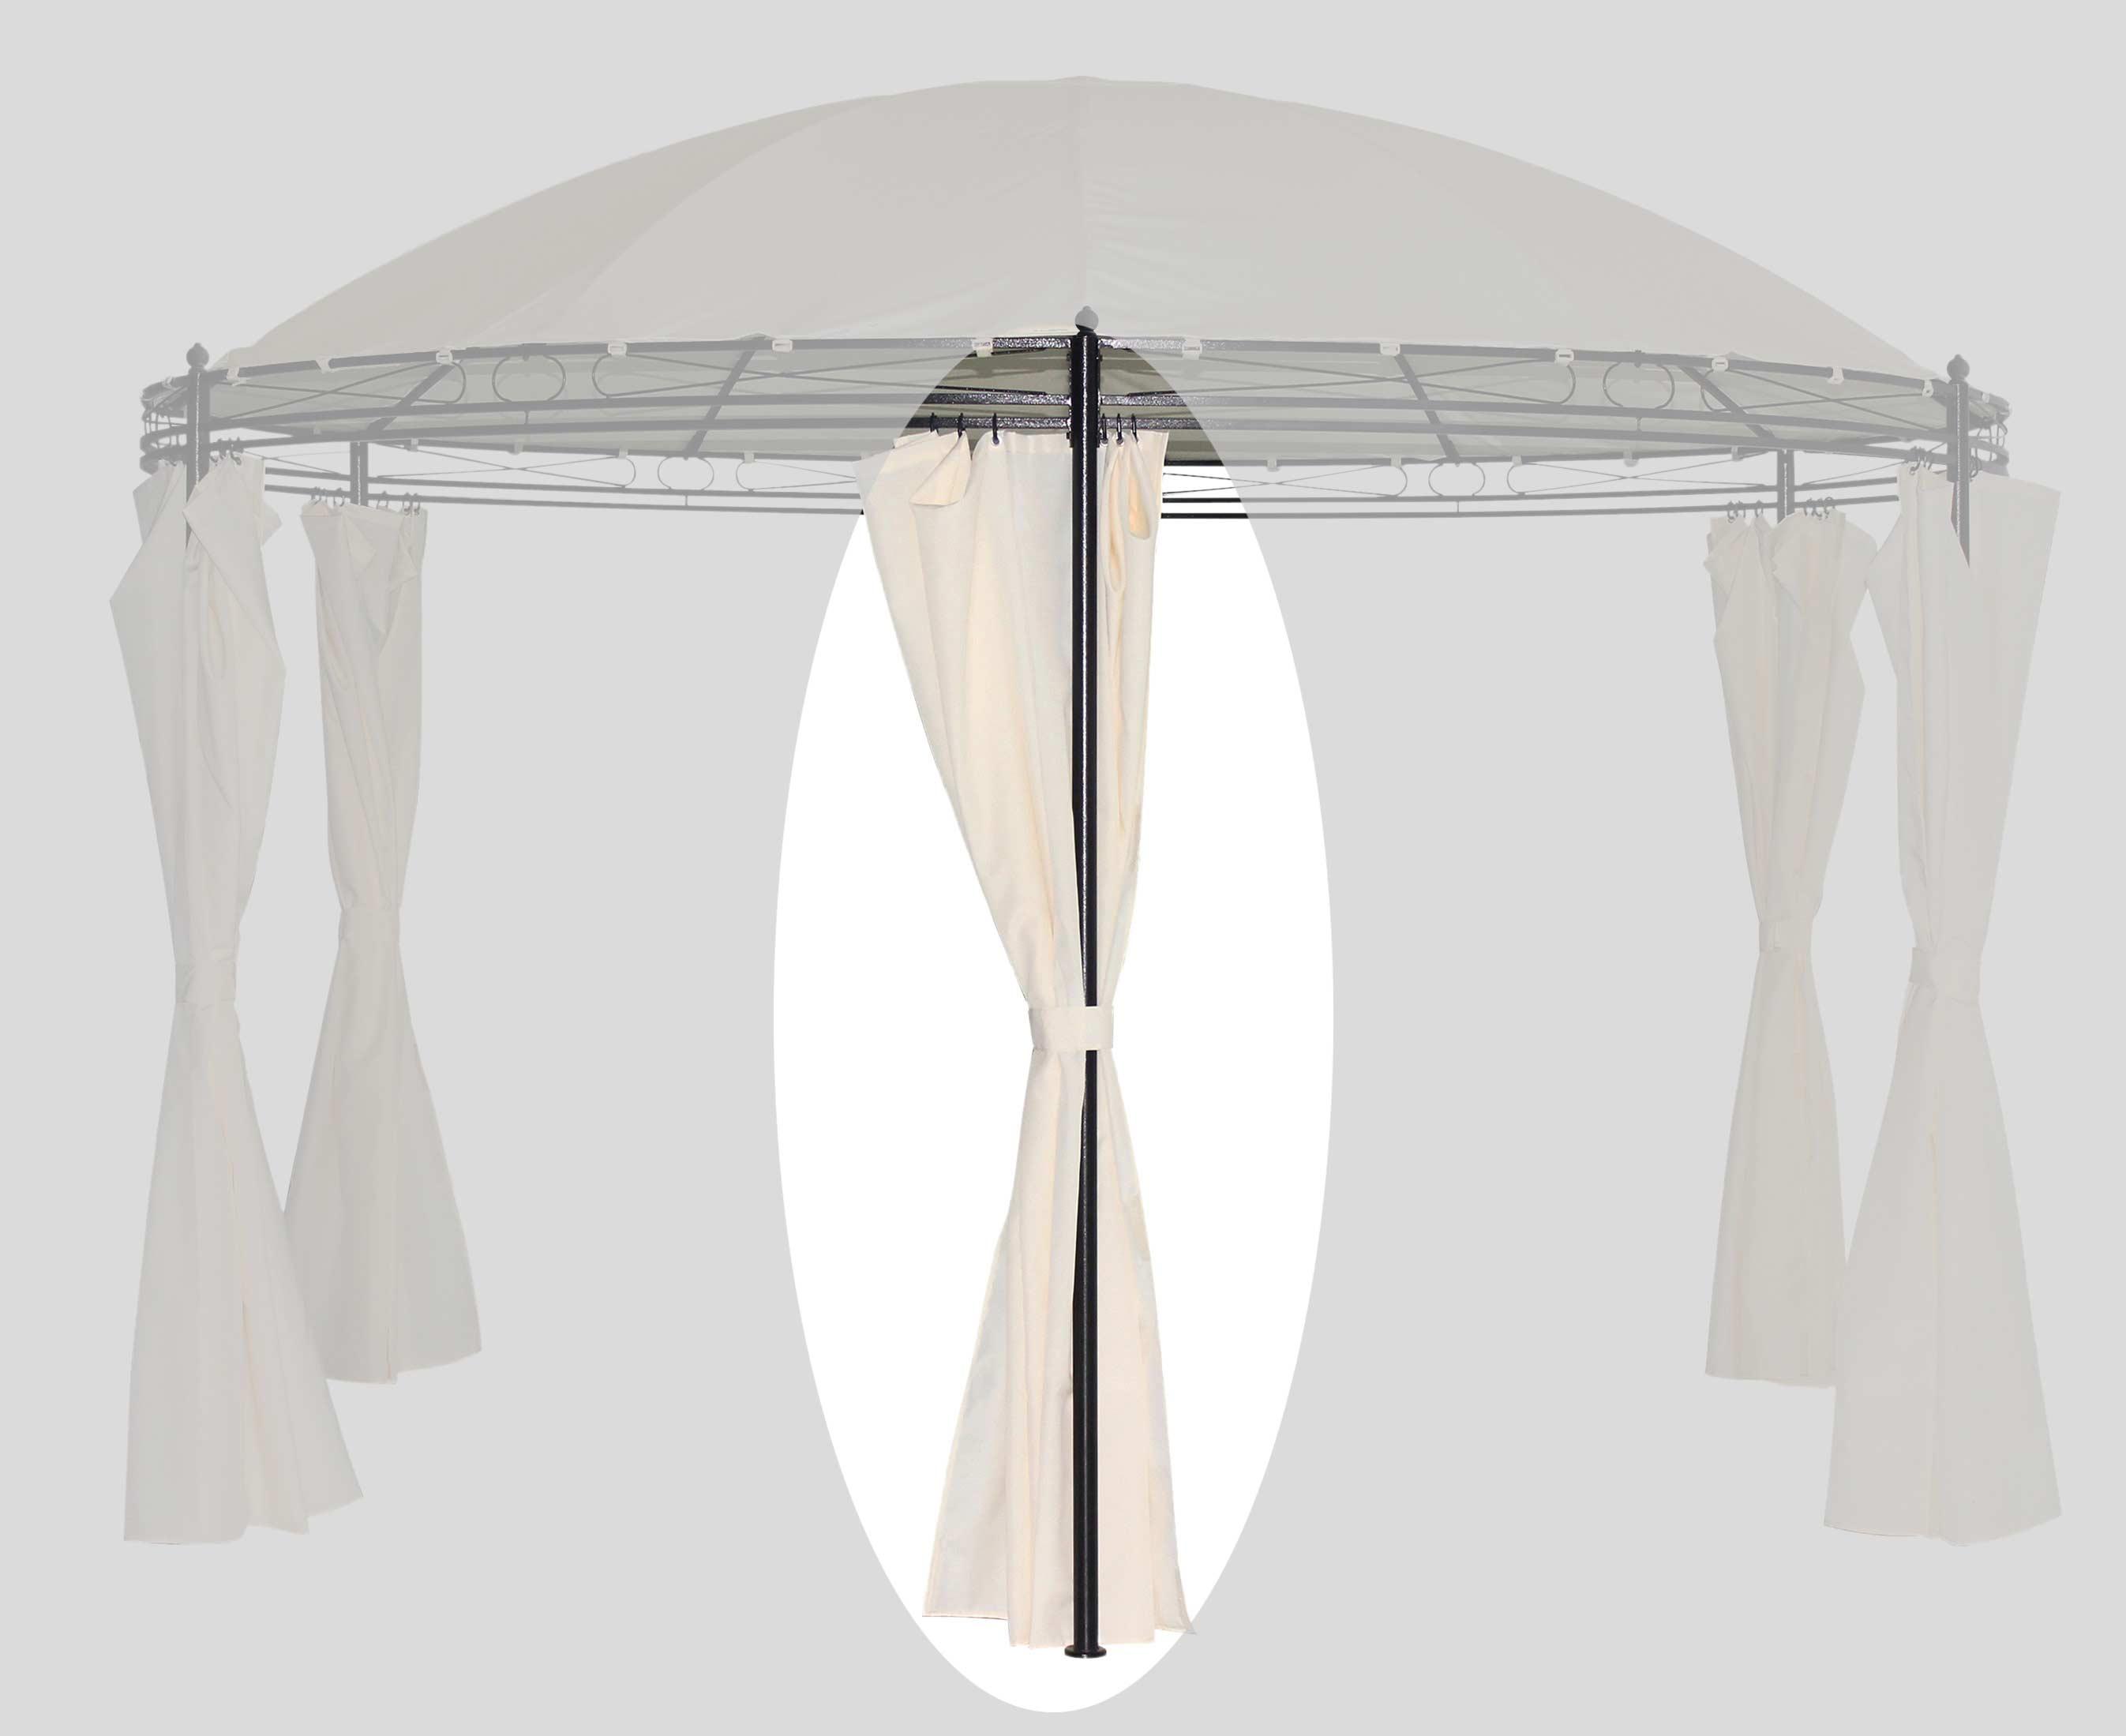 Seitenteile zu Rundpavillon Bellavista beige Ø 350cm 6 Stück Bild 1